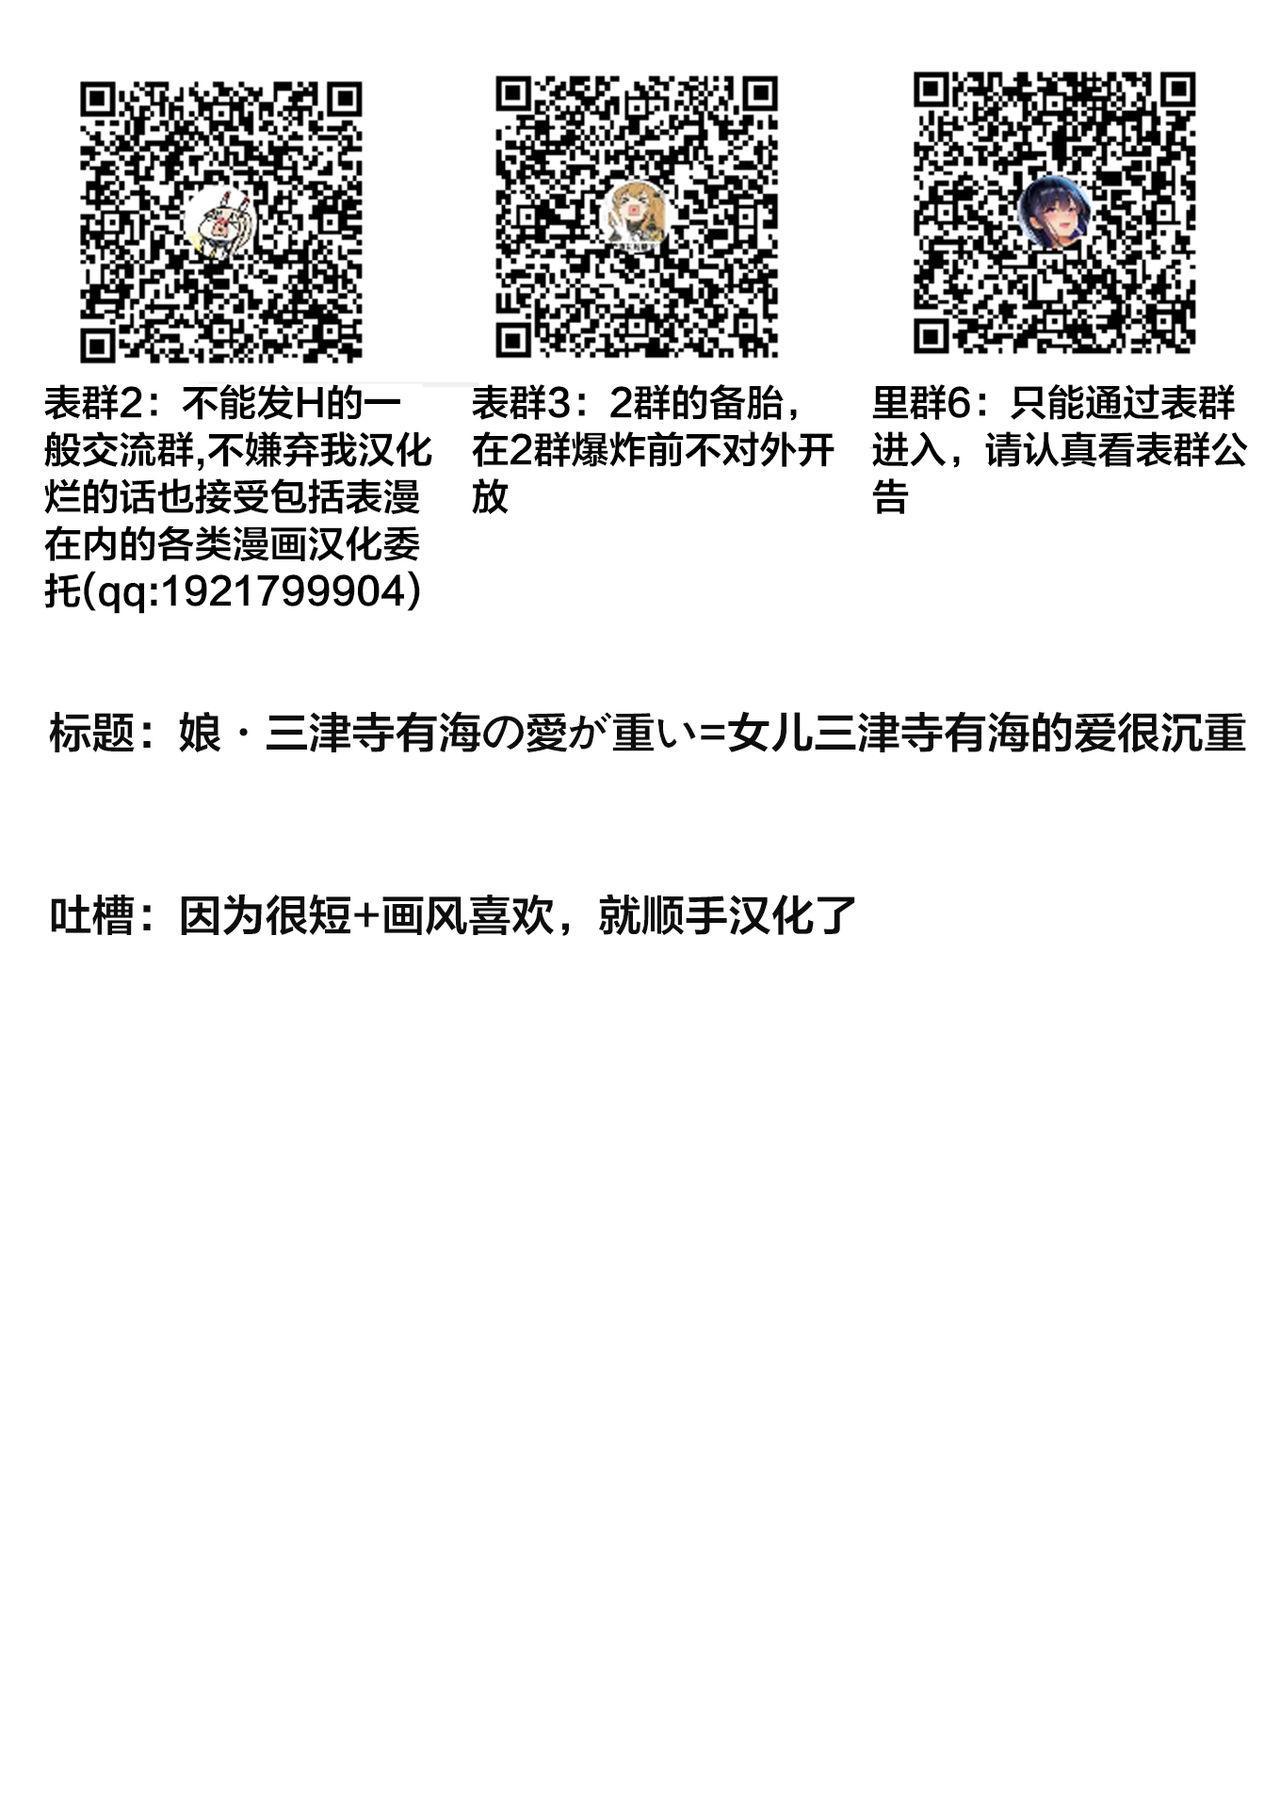 娘・三津寺 有海の愛が重い(コミックグレープ Vol.89) 5